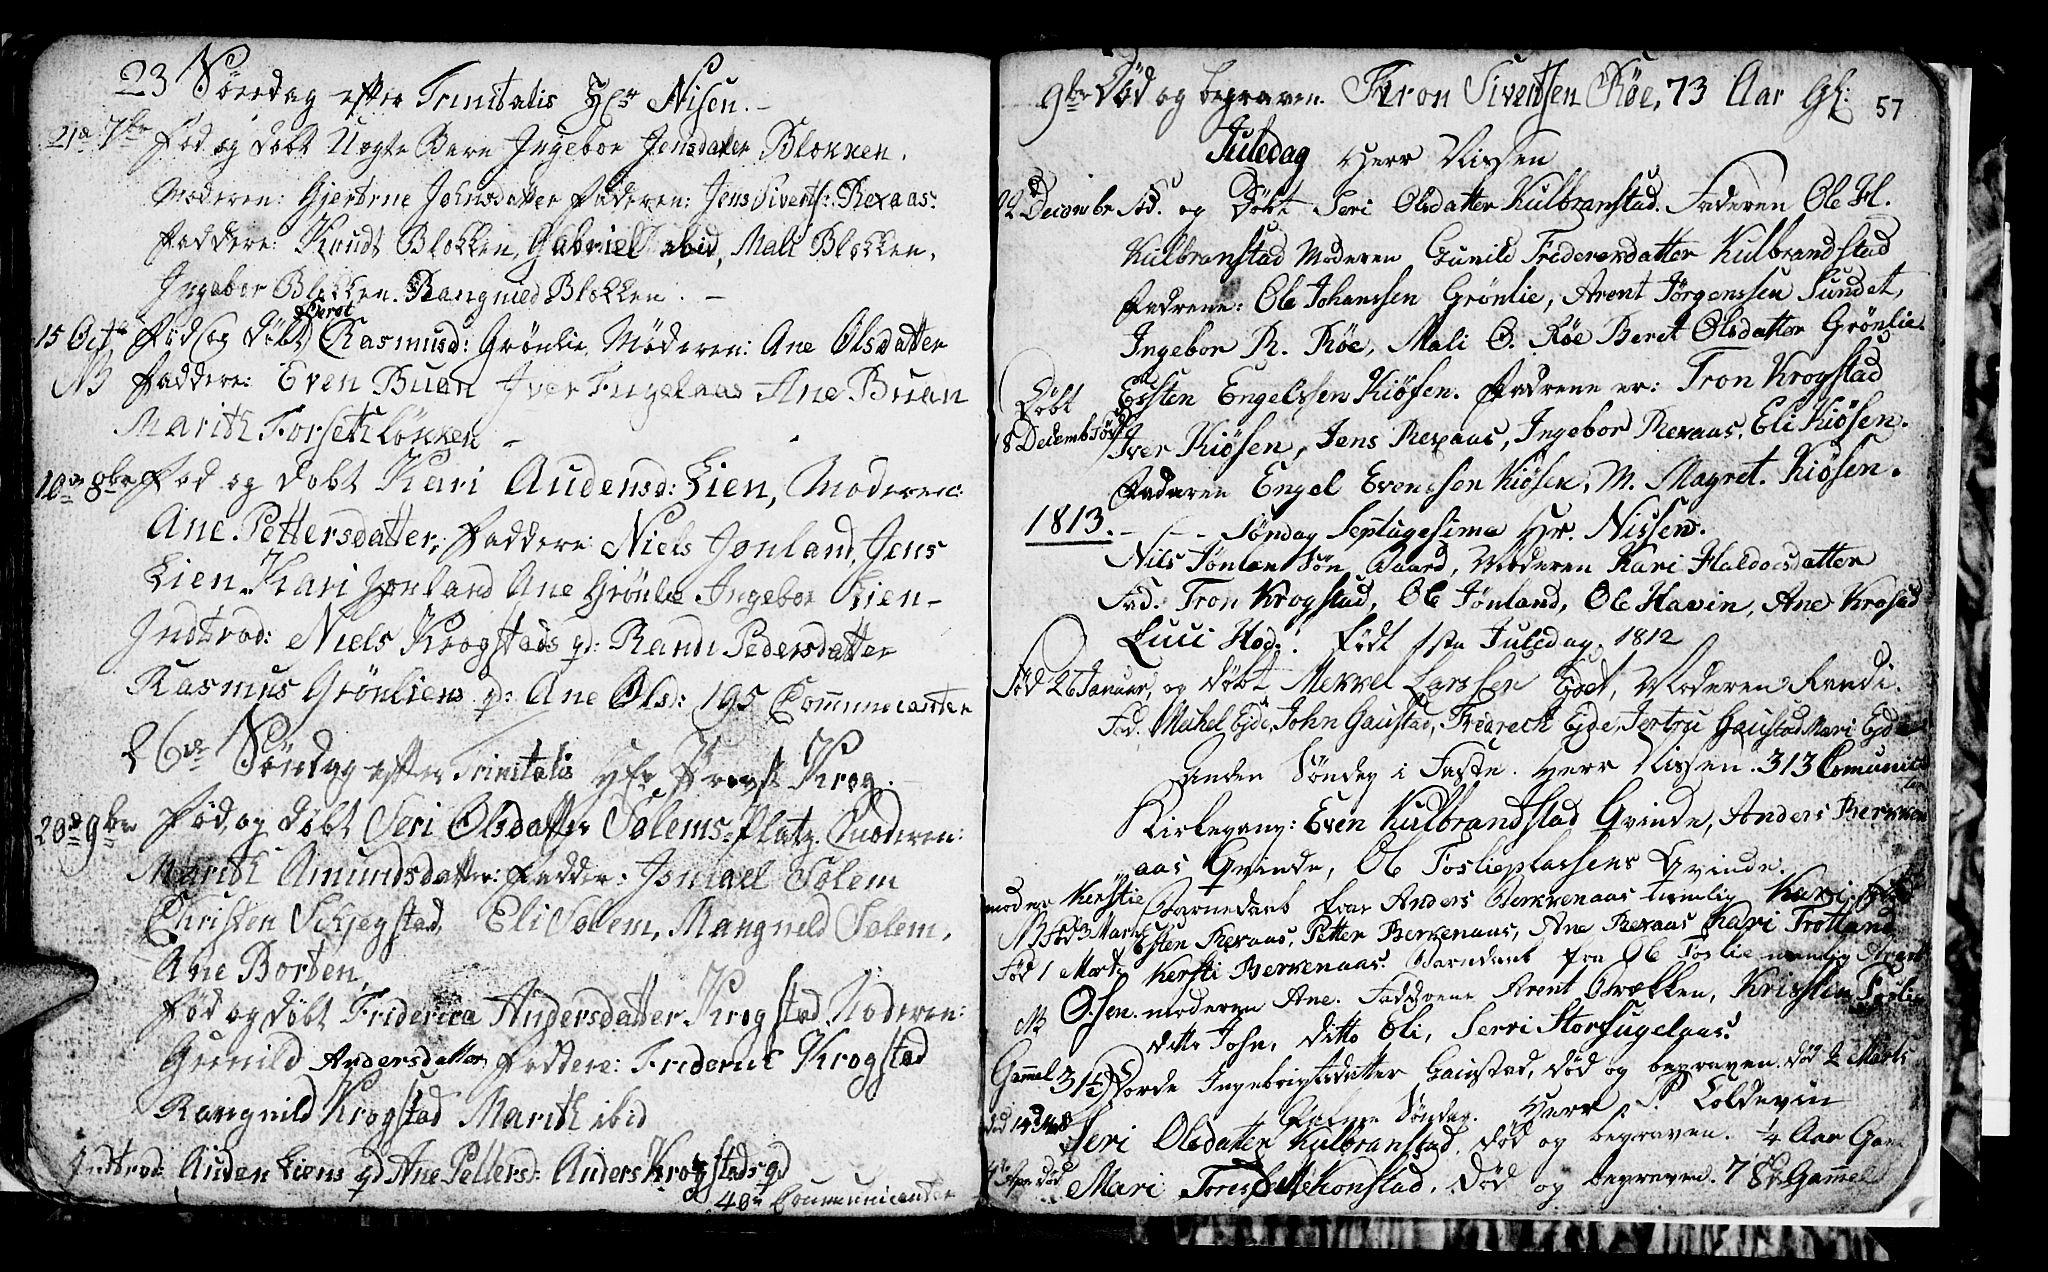 SAT, Ministerialprotokoller, klokkerbøker og fødselsregistre - Sør-Trøndelag, 694/L1129: Klokkerbok nr. 694C01, 1793-1815, s. 57